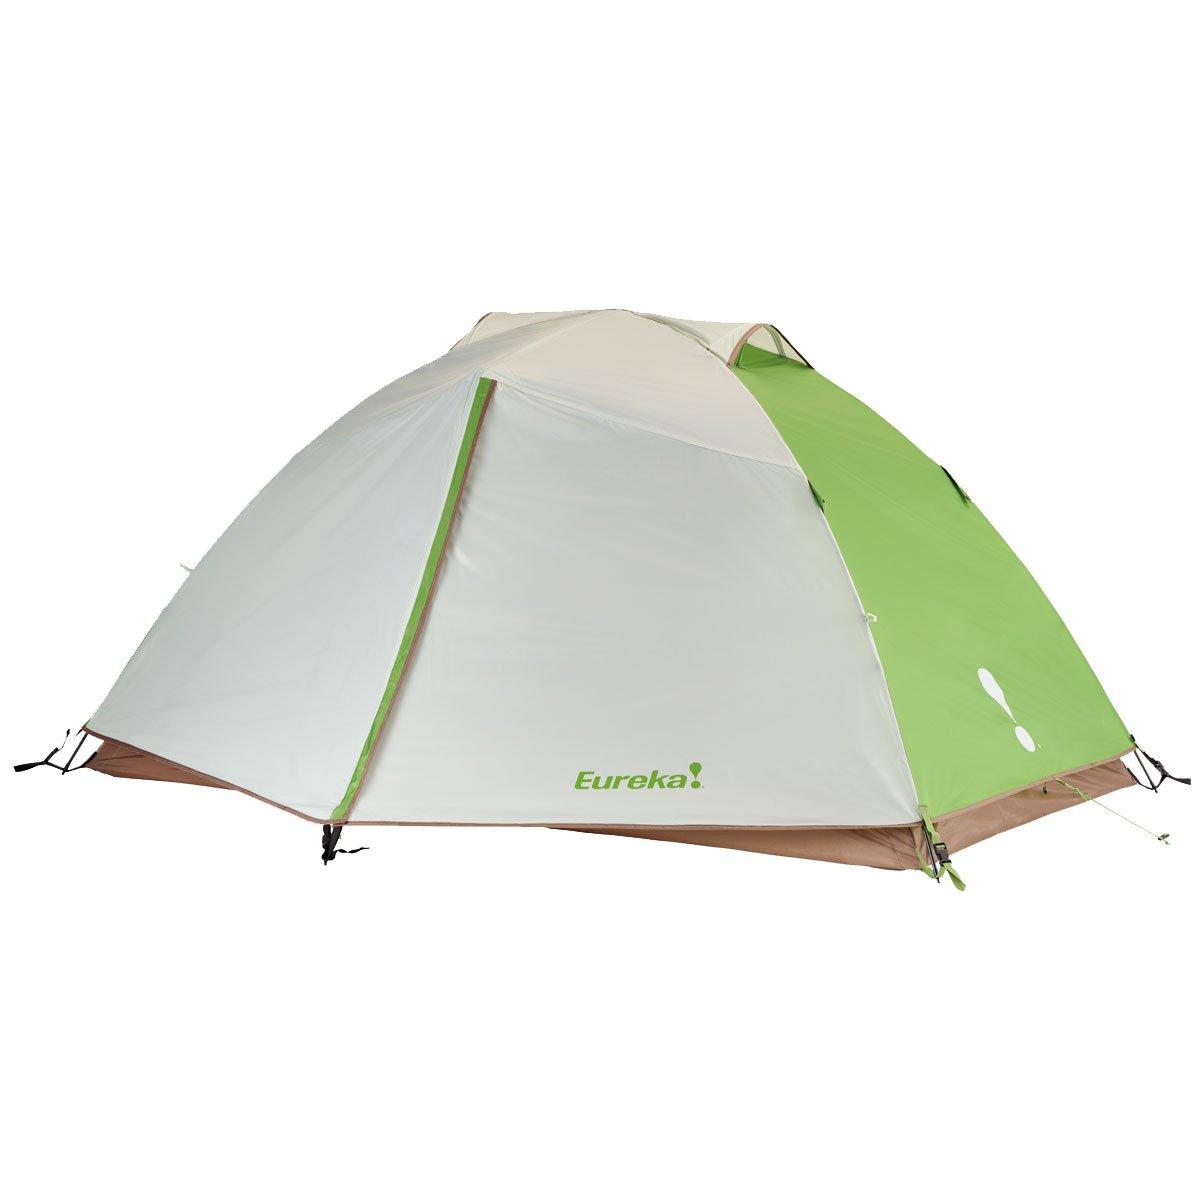 Eureka! Apex Three-Season Waterproof Backpacking Tent